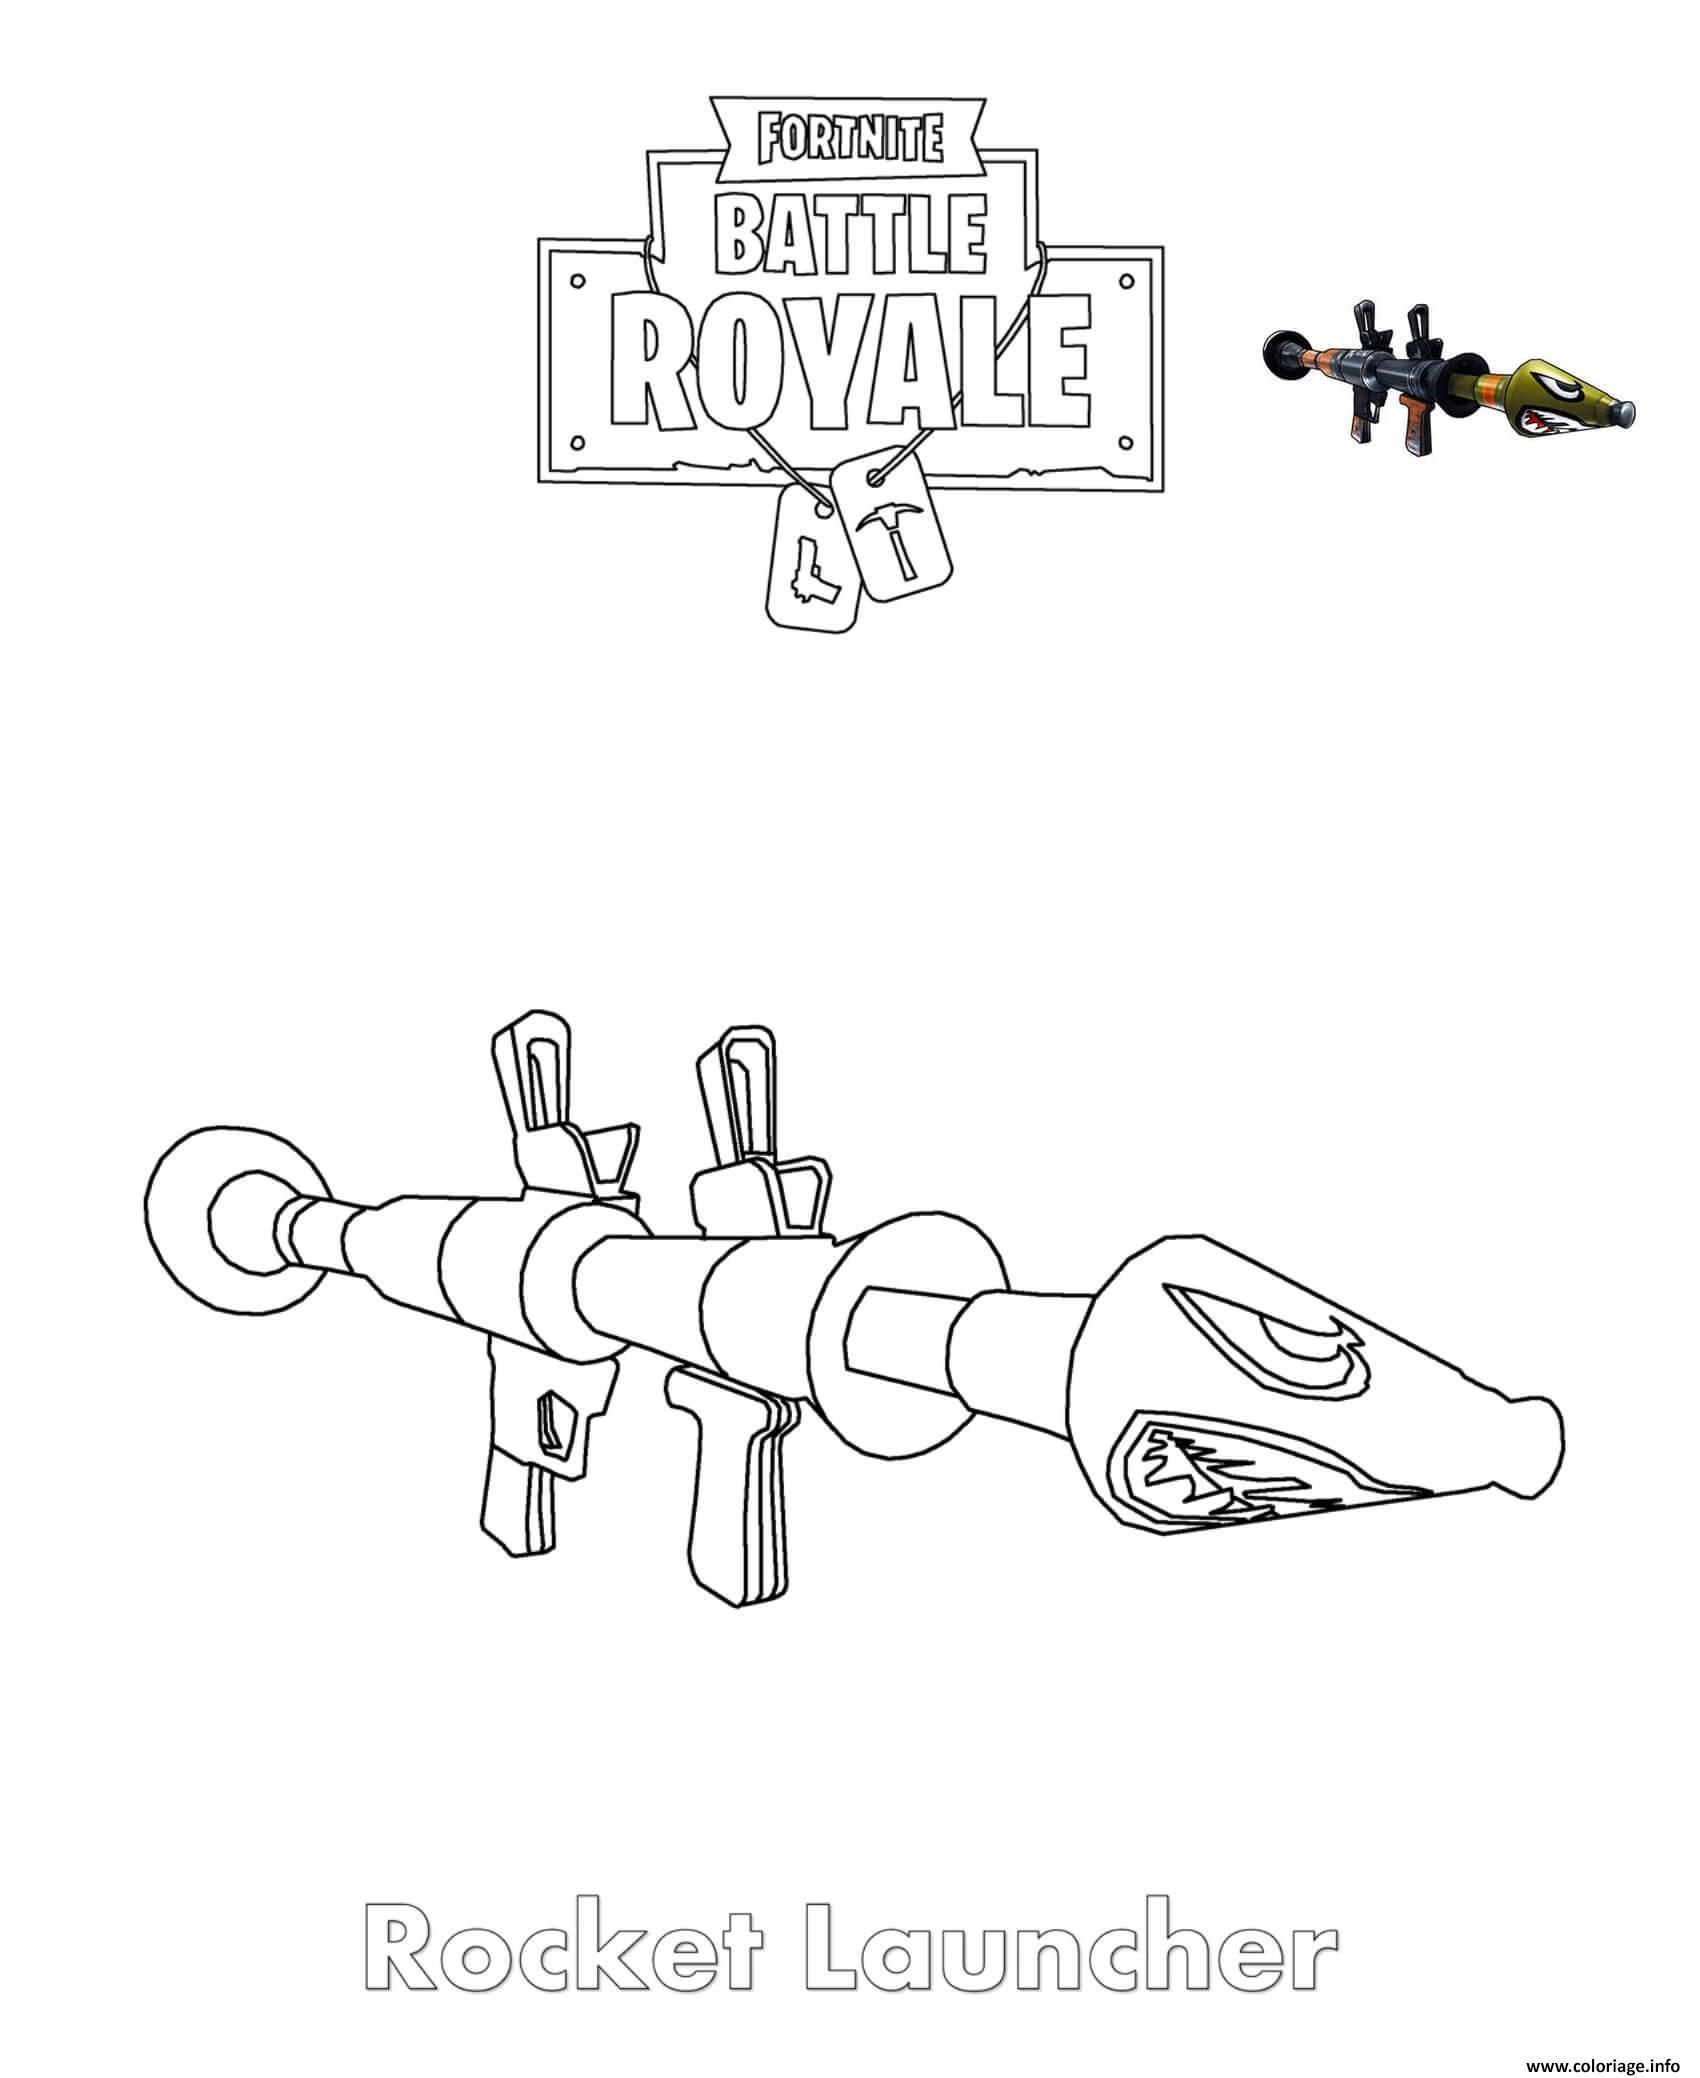 Coloriage Rocket Launcher Fortnite Jecoloriecom